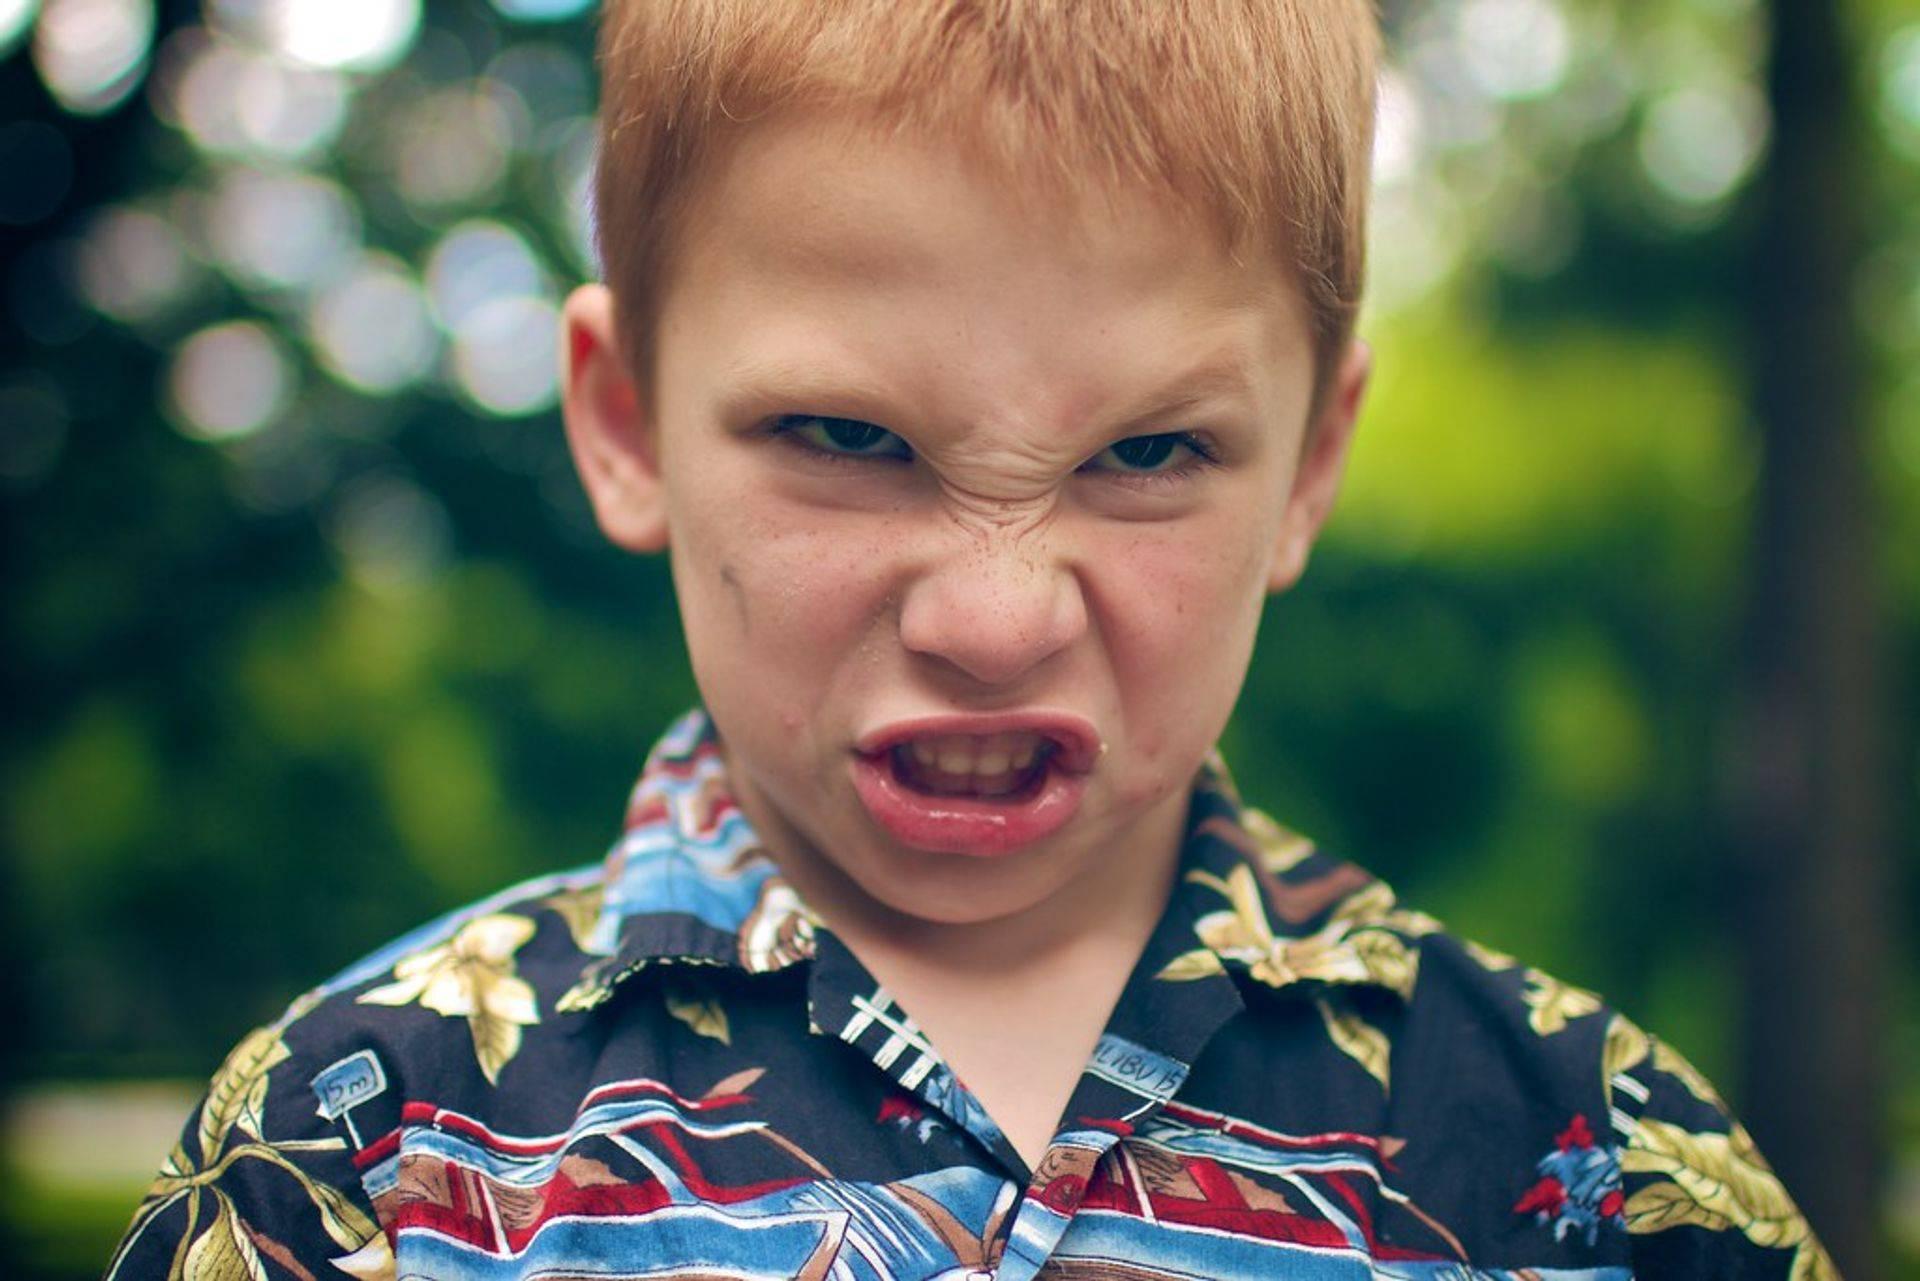 Déficit de Atención e Hiperactividad, agresividad infantil,problemas de conducta,desobediencia, trastorno disocial,trastorno negativista desafiante